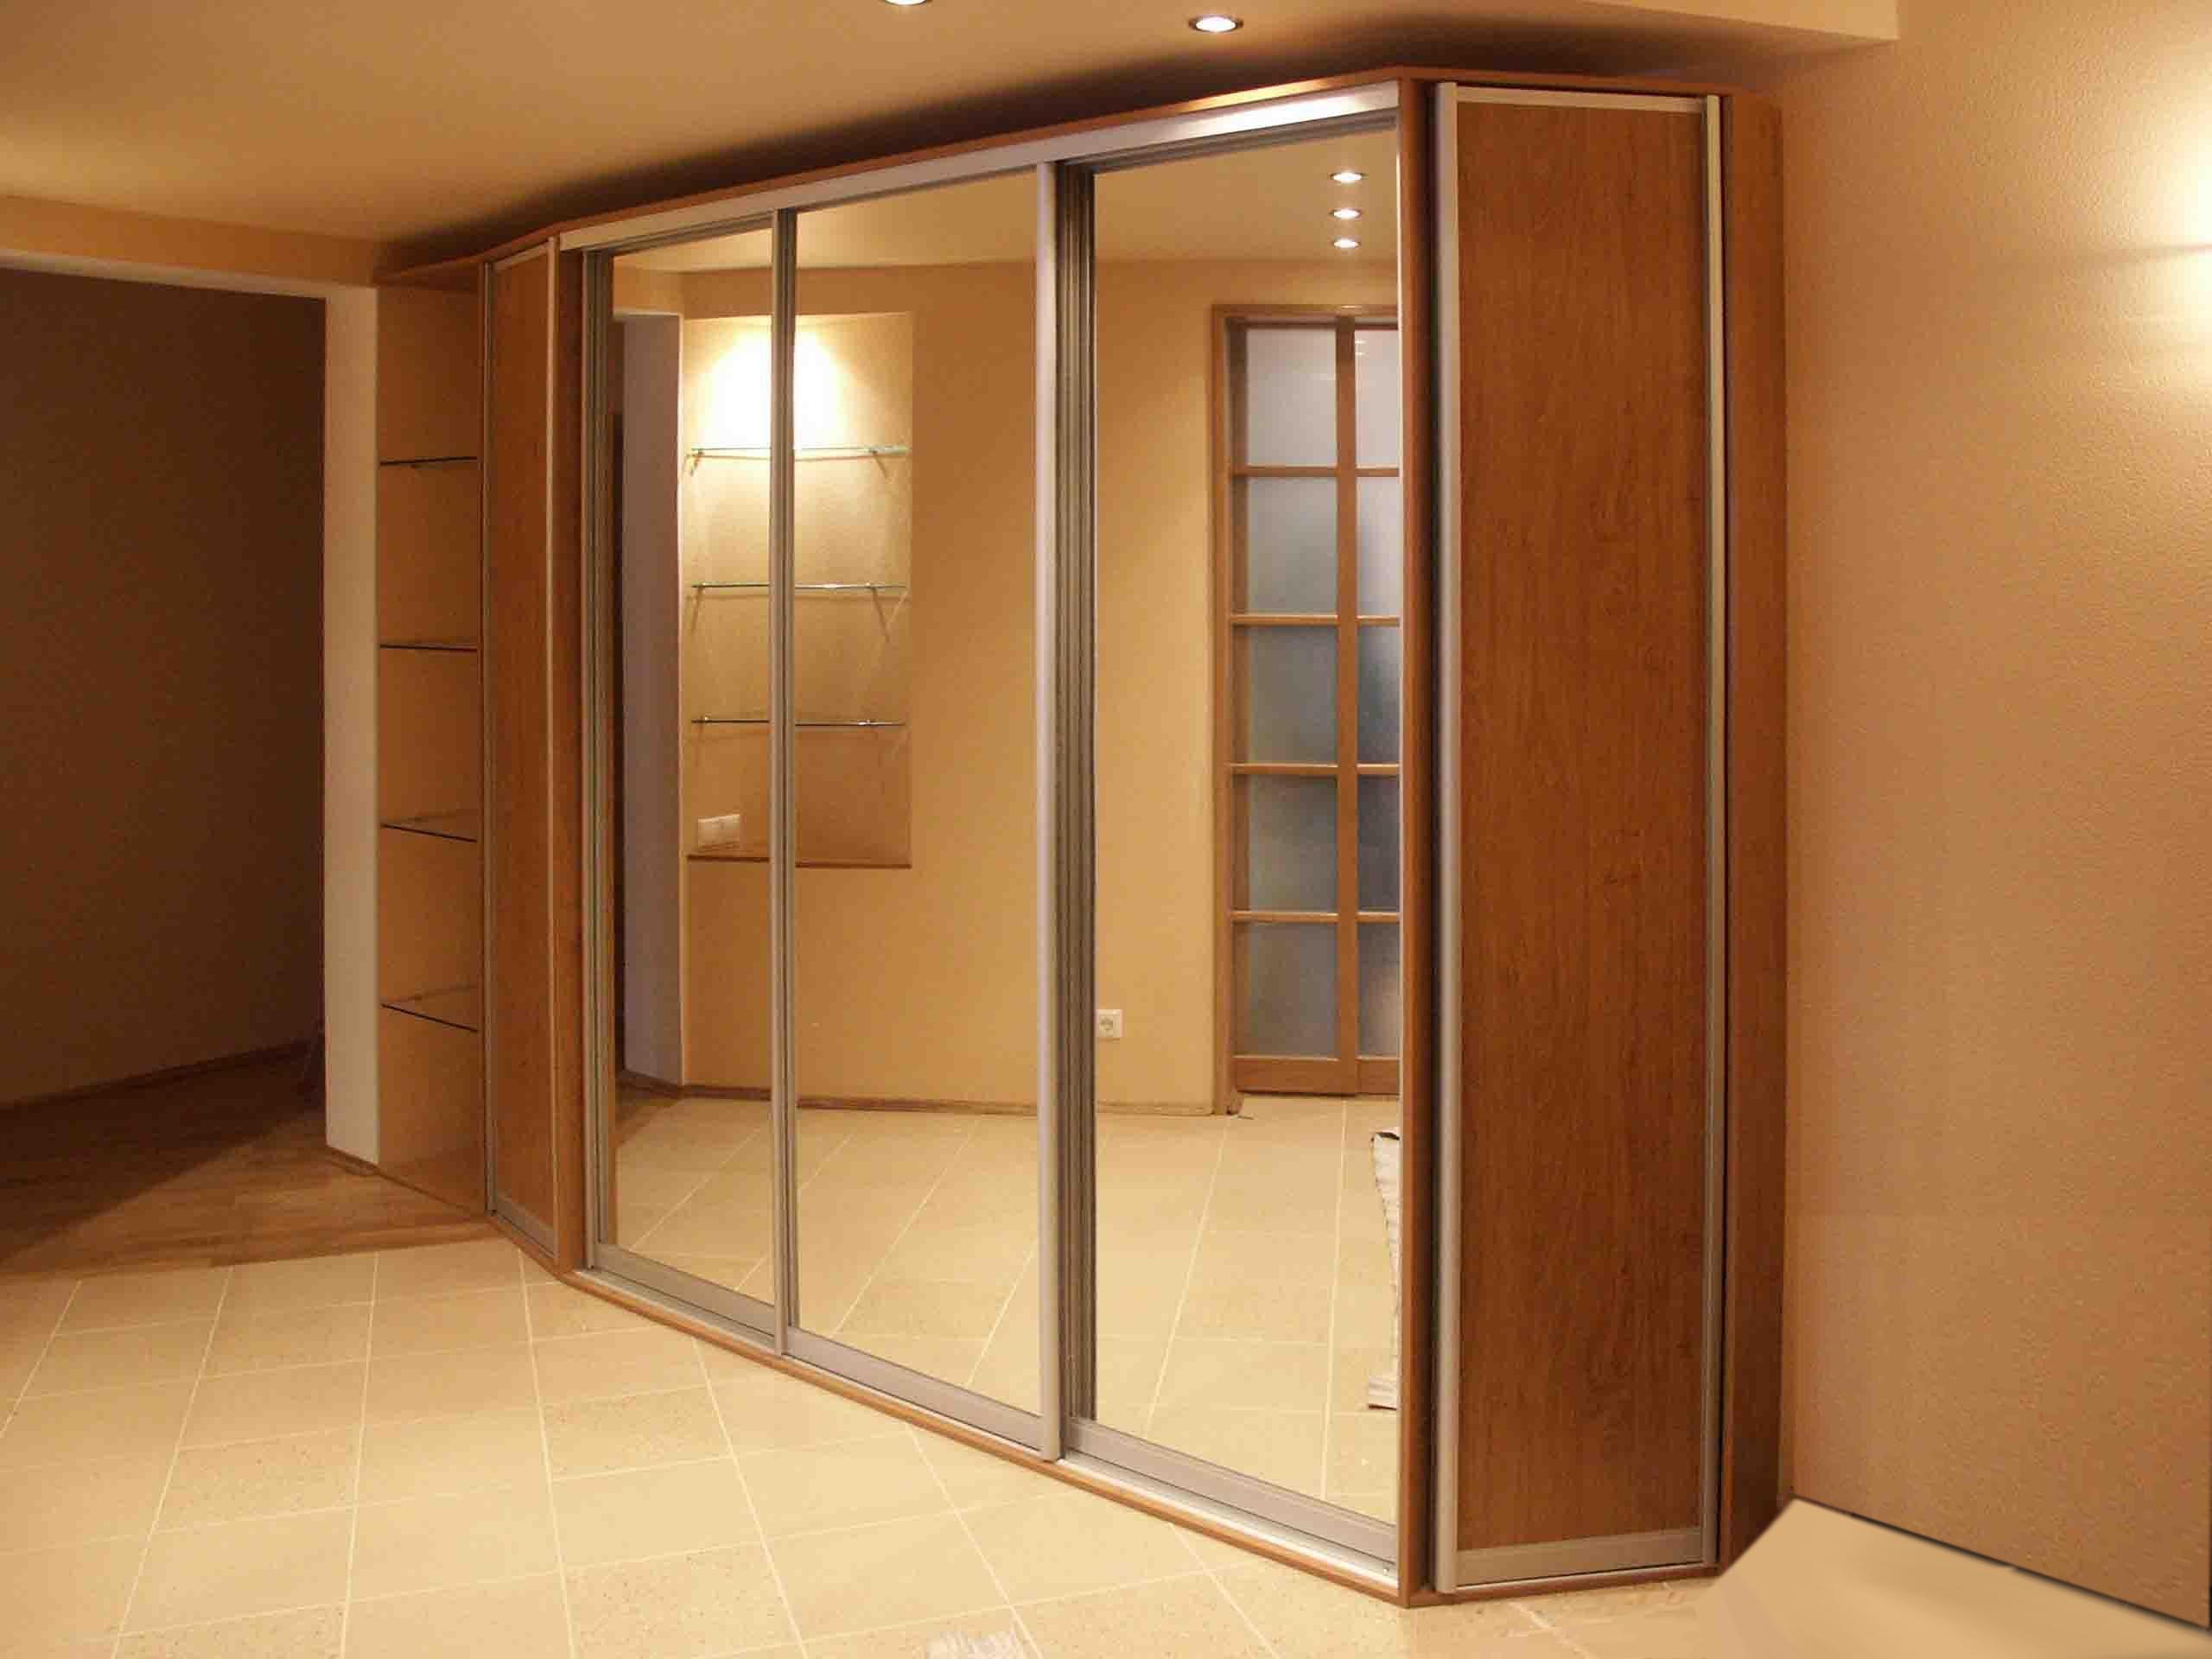 установка трех дверей